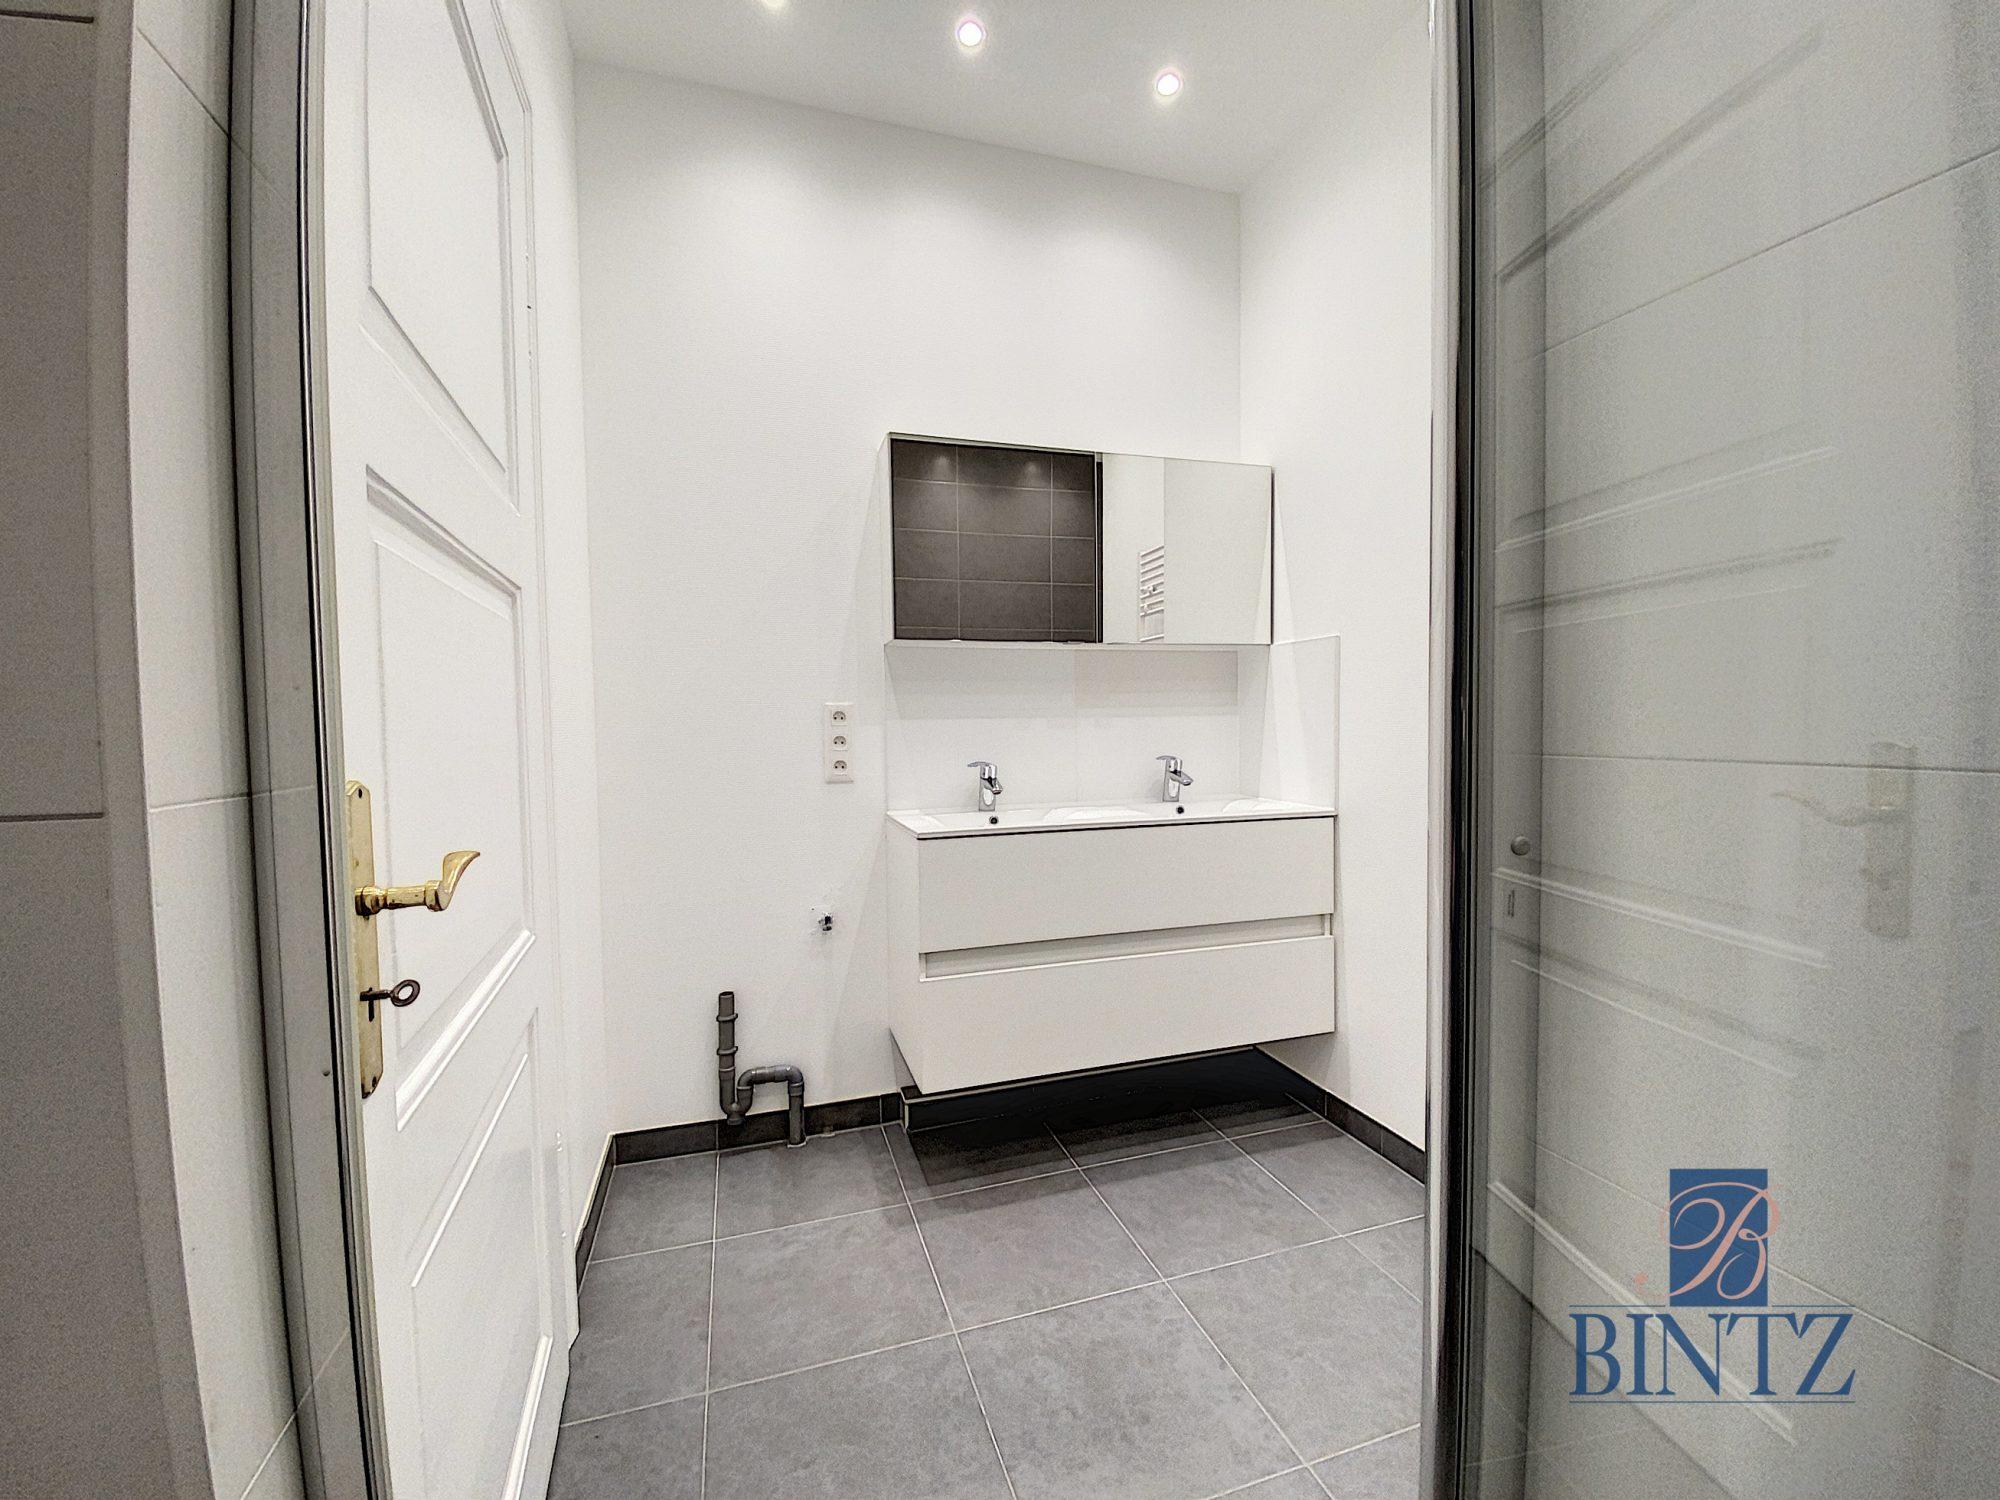 SUPERBE 4 PIECES ENTRE JARDIN BOTANIQUE ET ORANGERIE - Devenez locataire en toute sérénité - Bintz Immobilier - 10